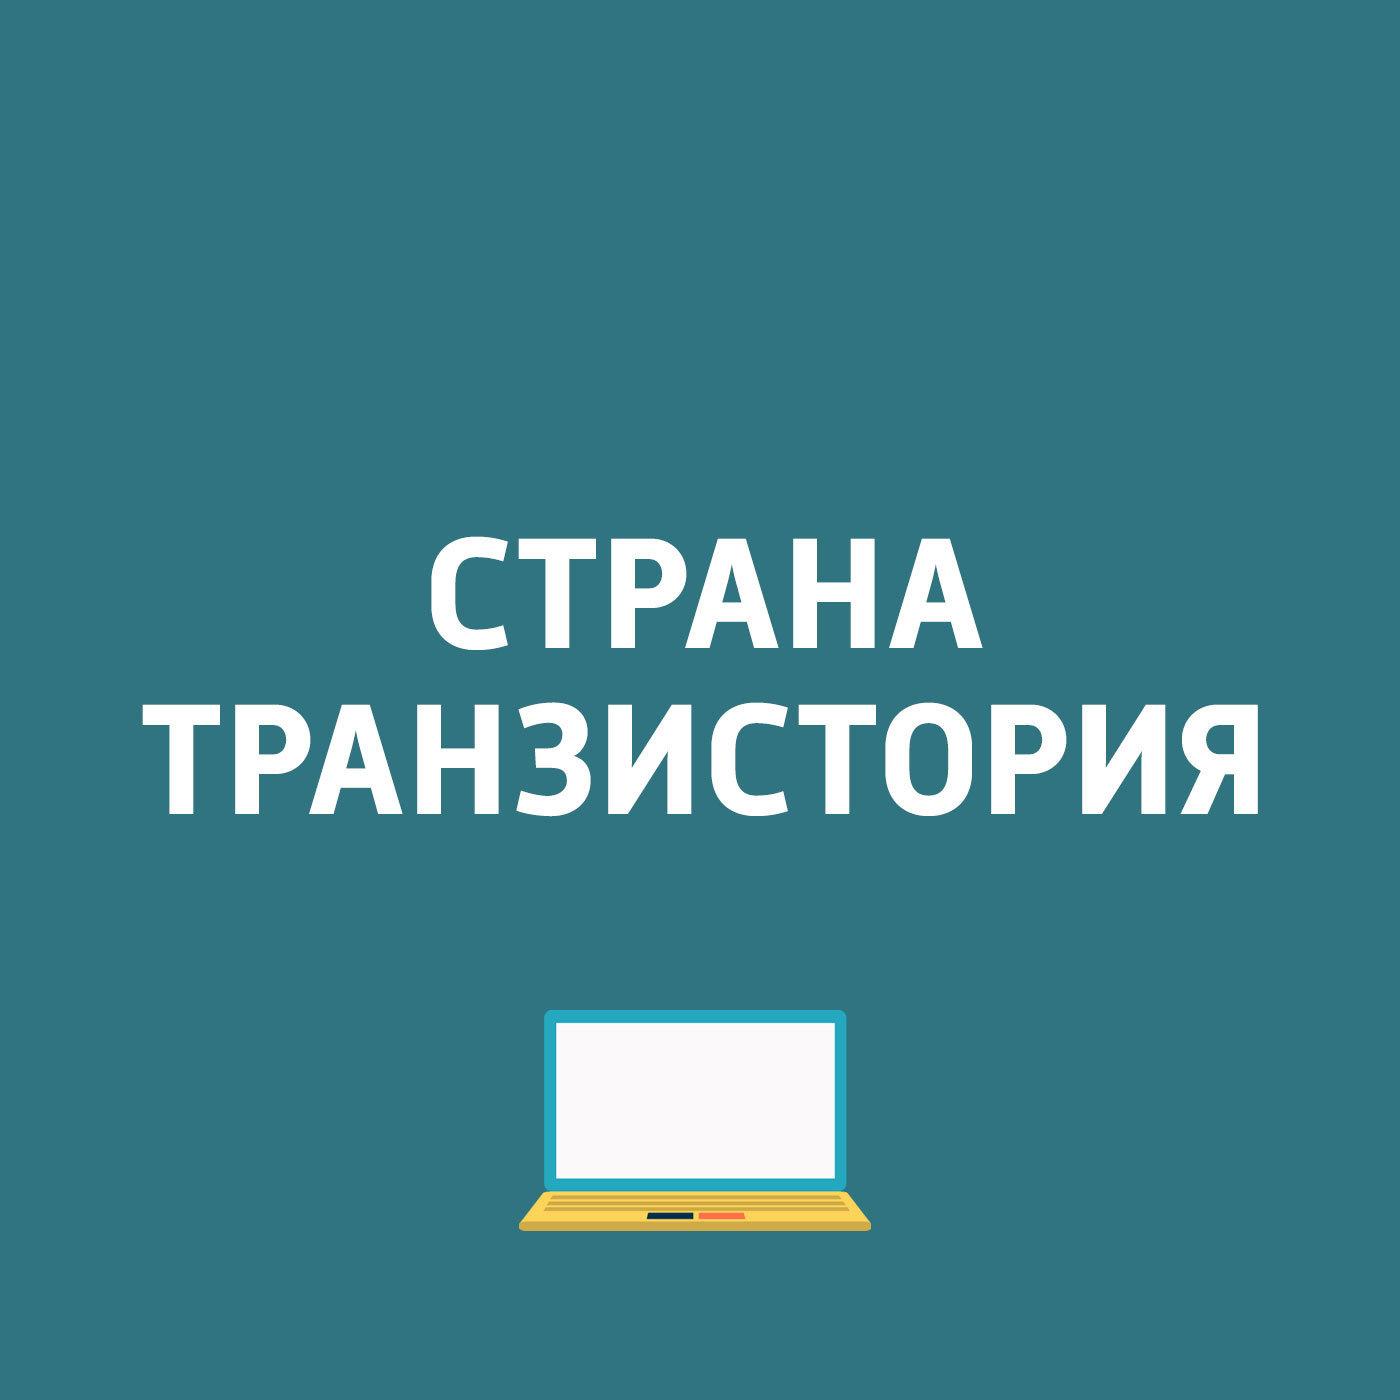 Картаев Павел Презентации Nokia 3, Nokia 5, Nokia 6 и Nokia 3310